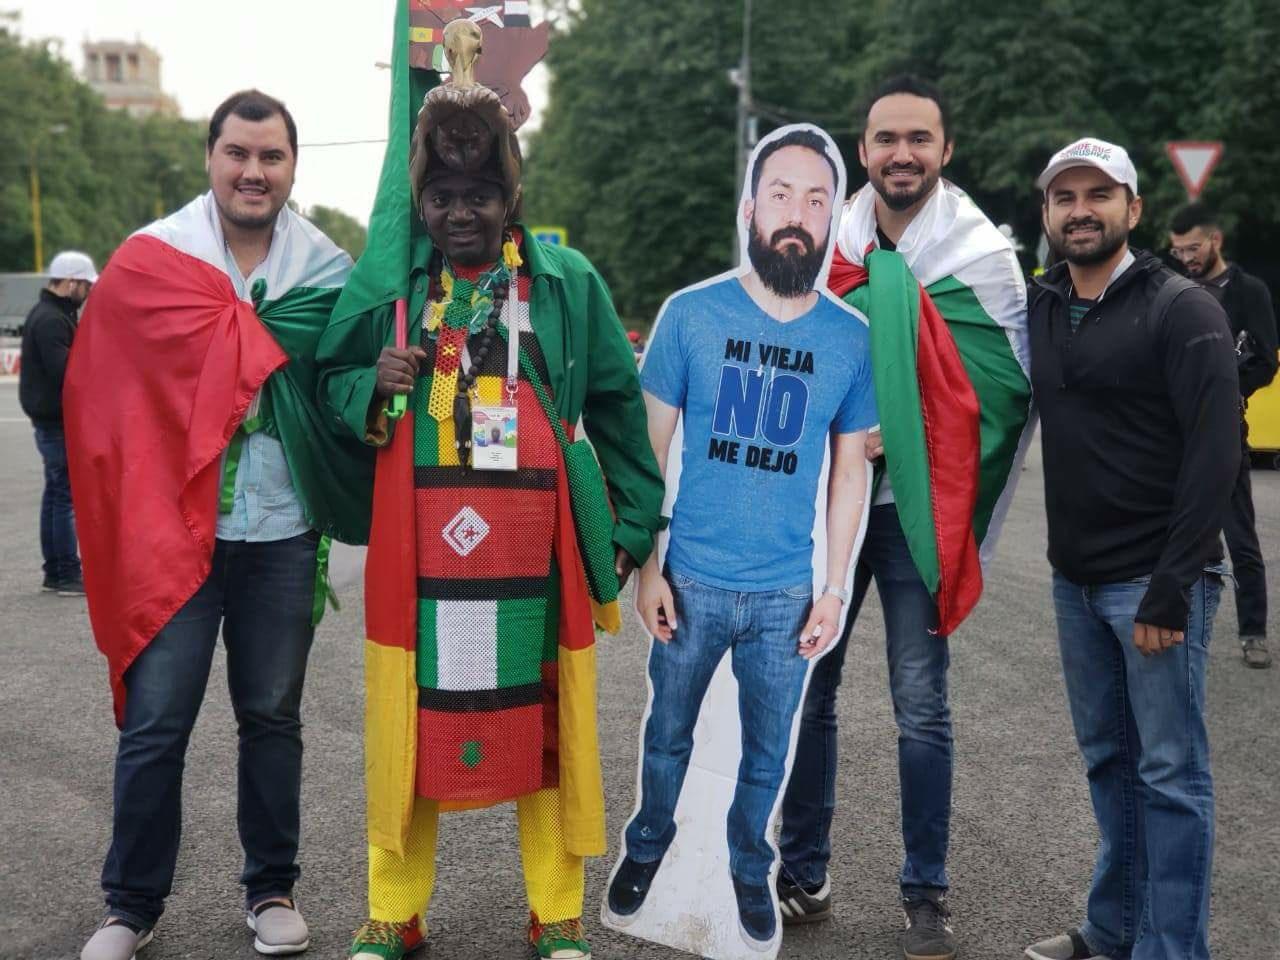 Mexicaan mag van vrouw niet naar WK vriendengroep verzint iets briljants 07